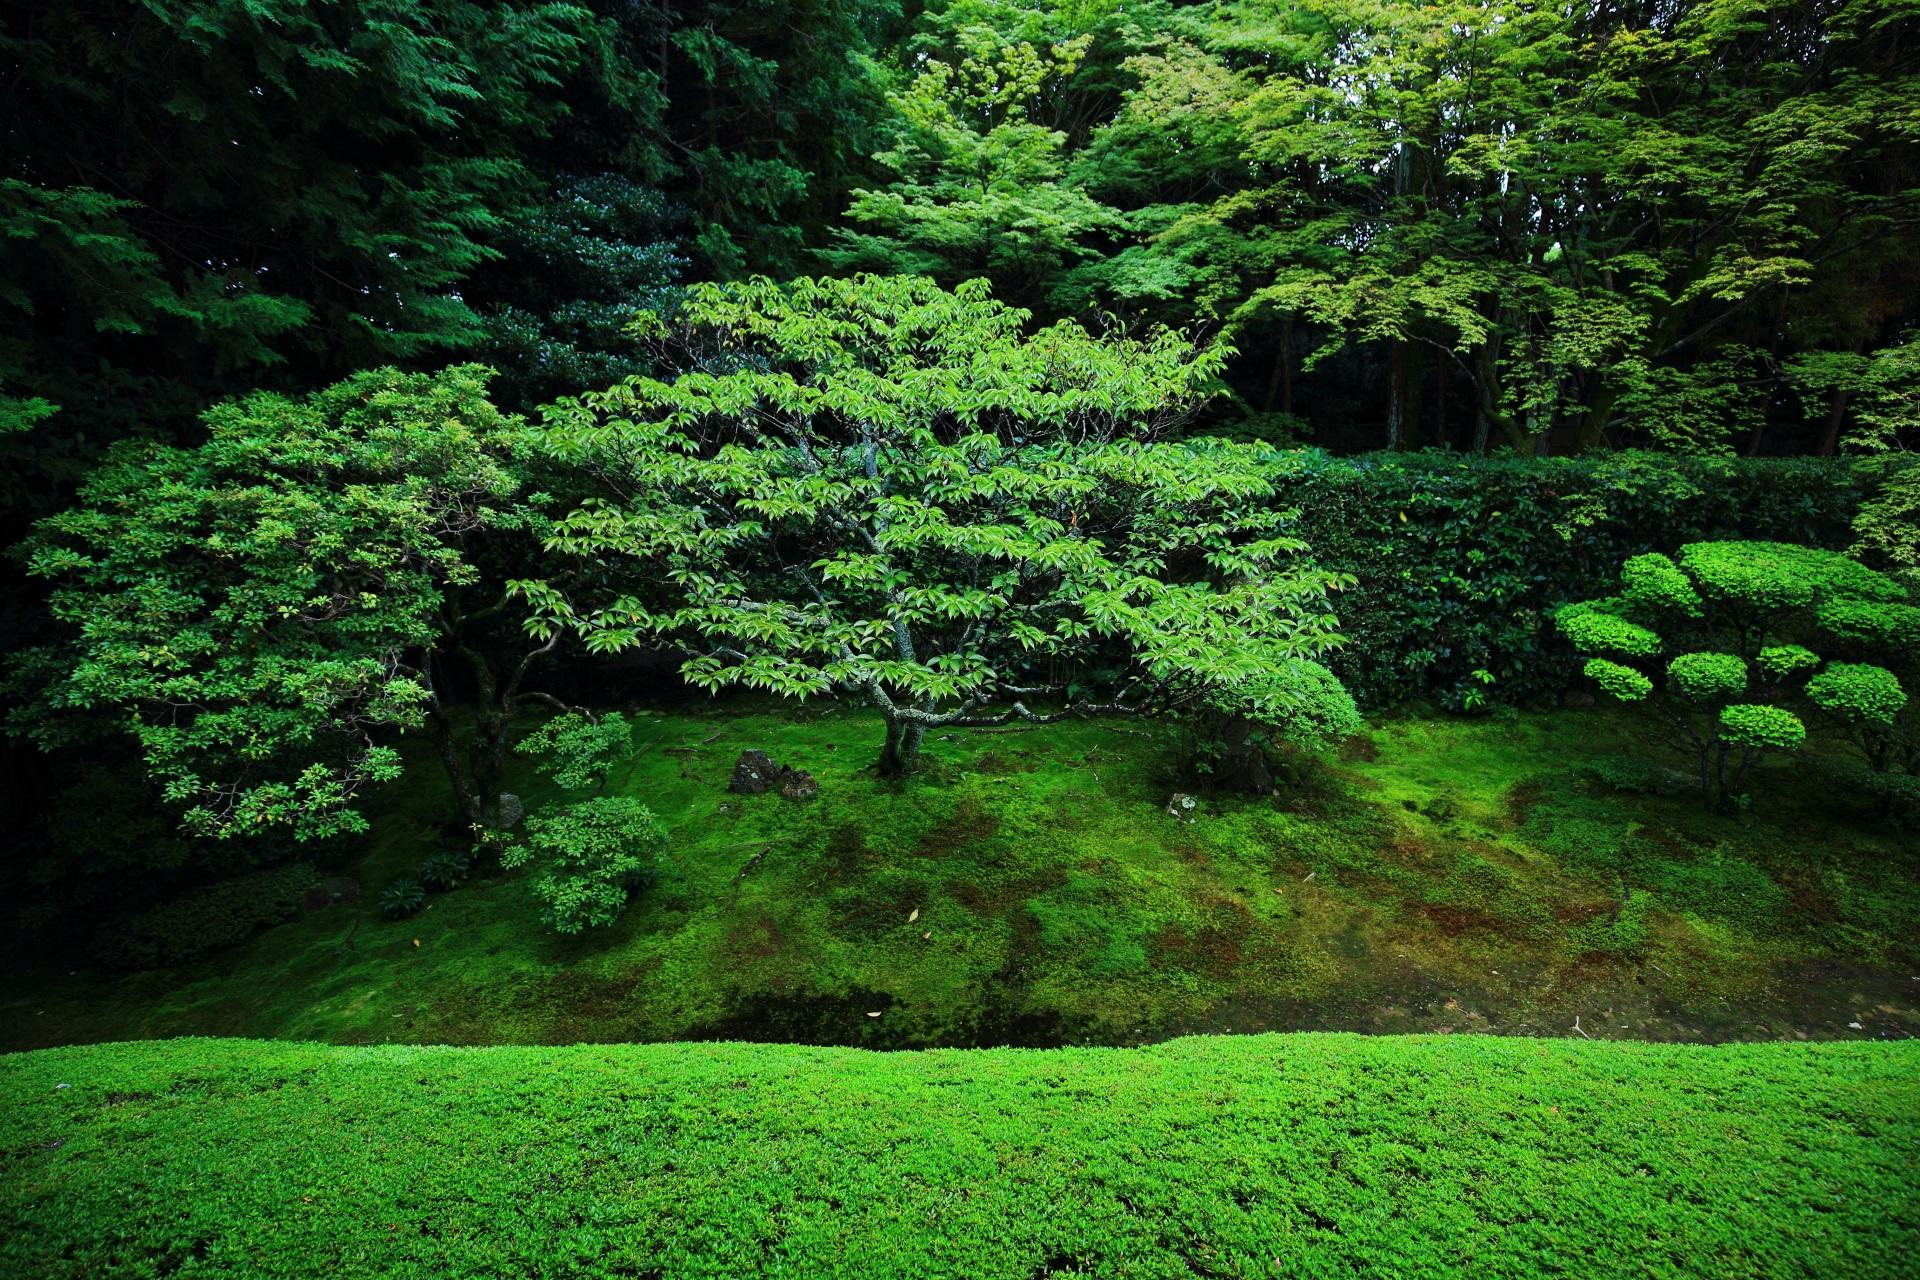 見事な緑の広がる桂春院の真如の庭